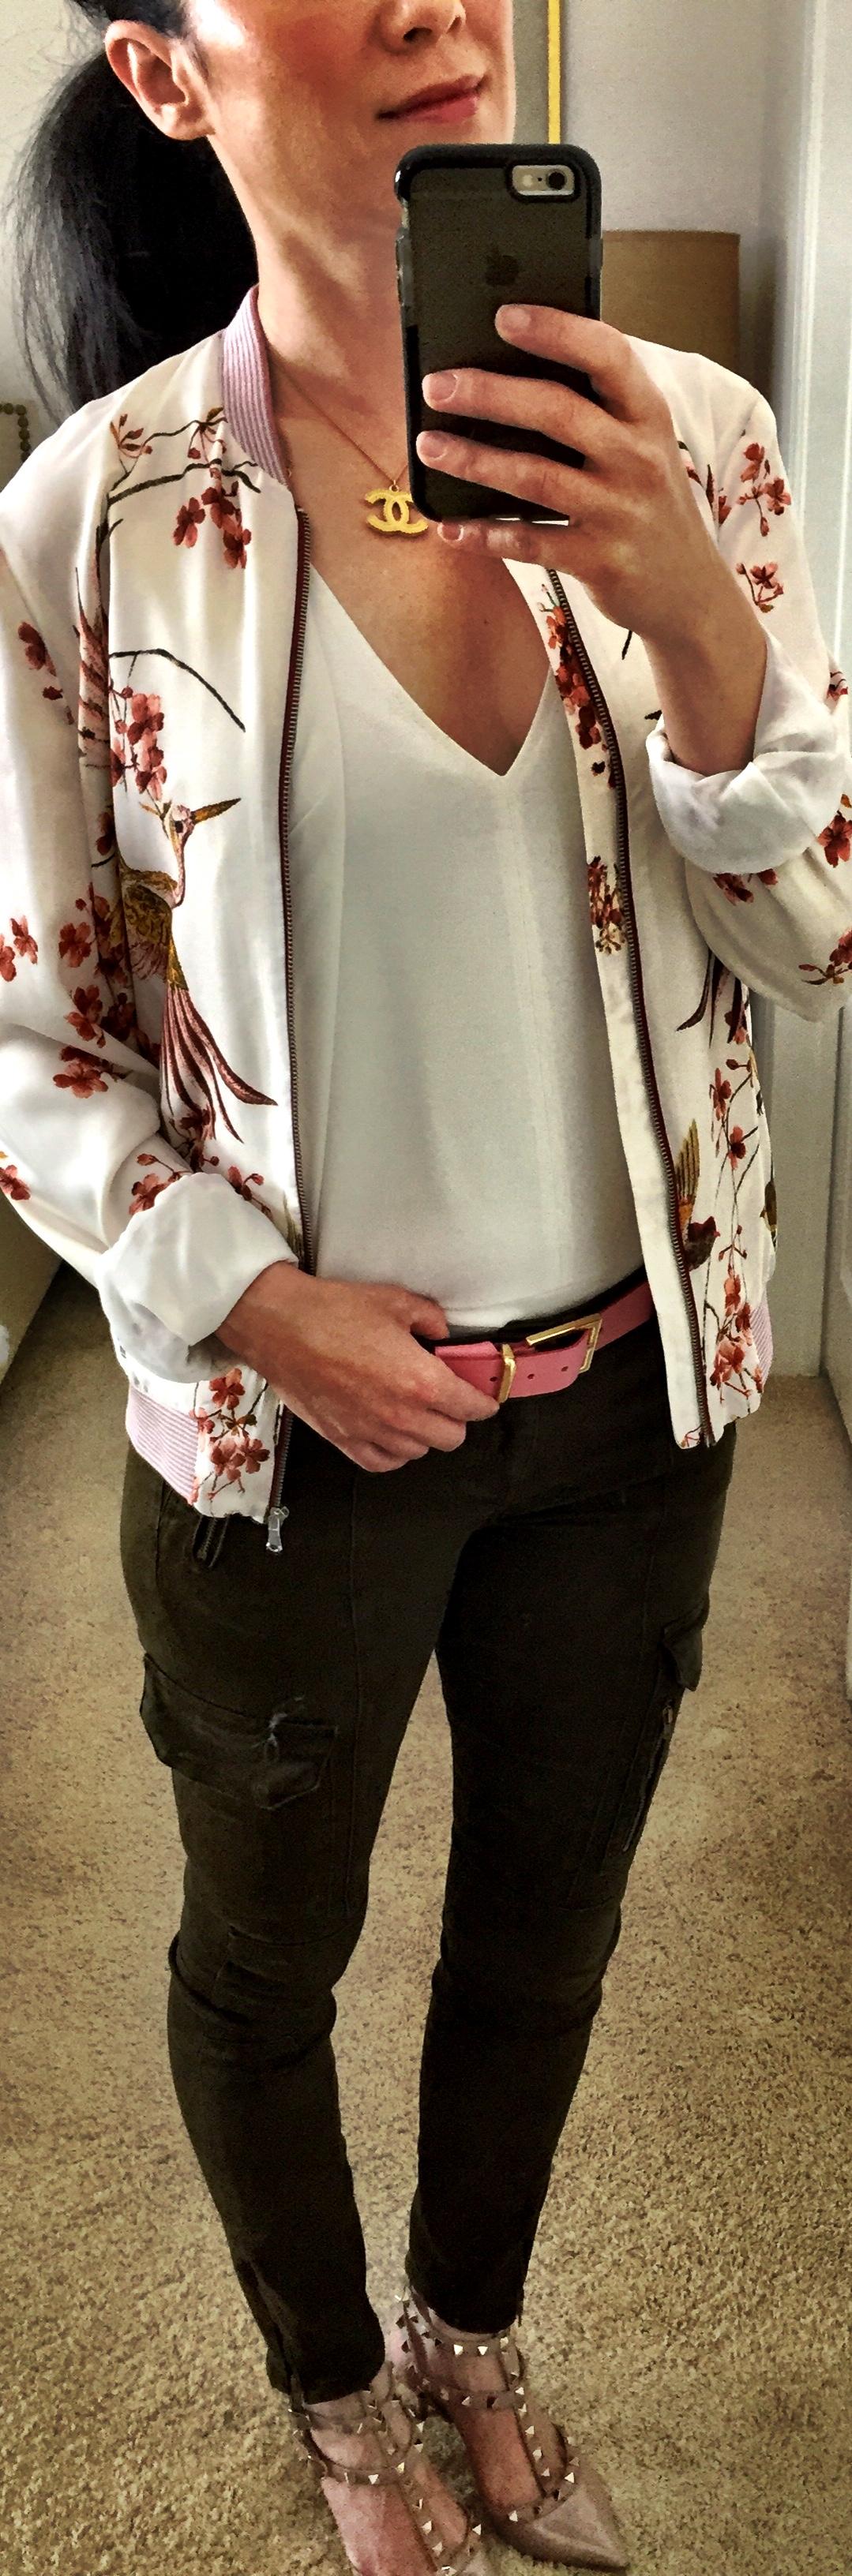 May 24th, 2016 Cargo skinny pants with bird bomber jacket from Zara